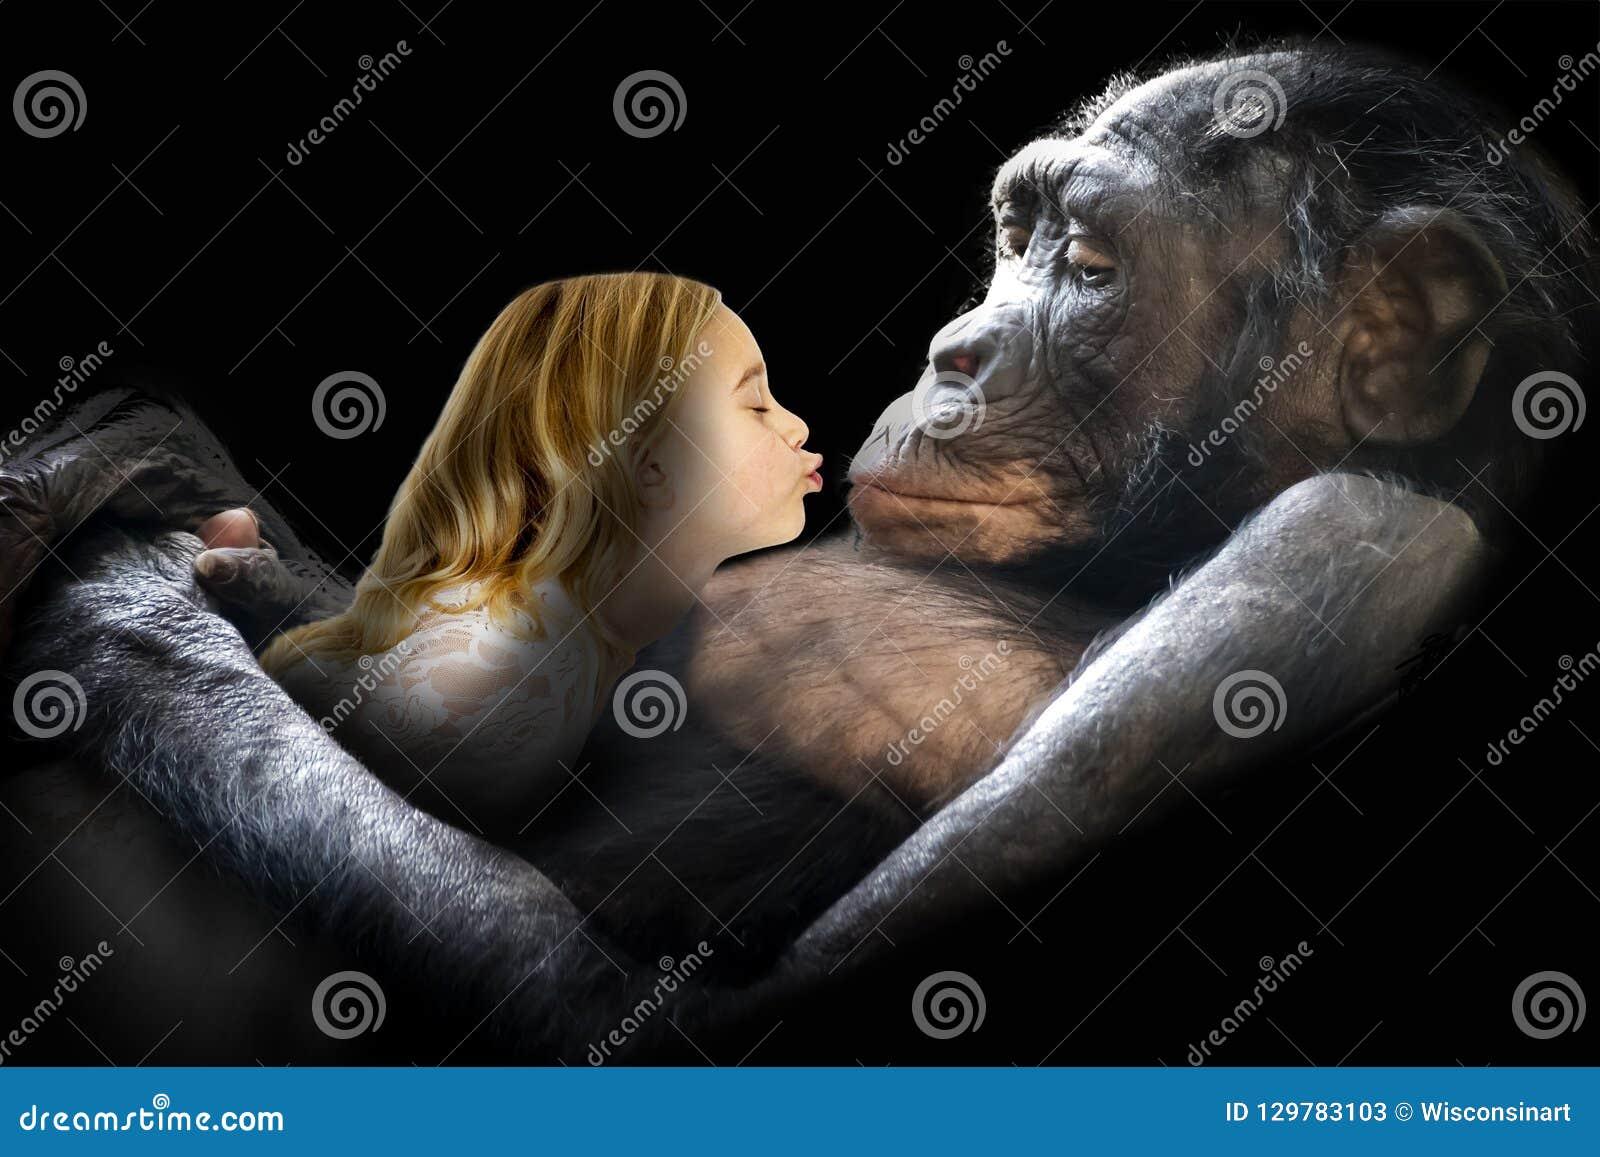 Amore, natura, ragazza, scimmia, bacio